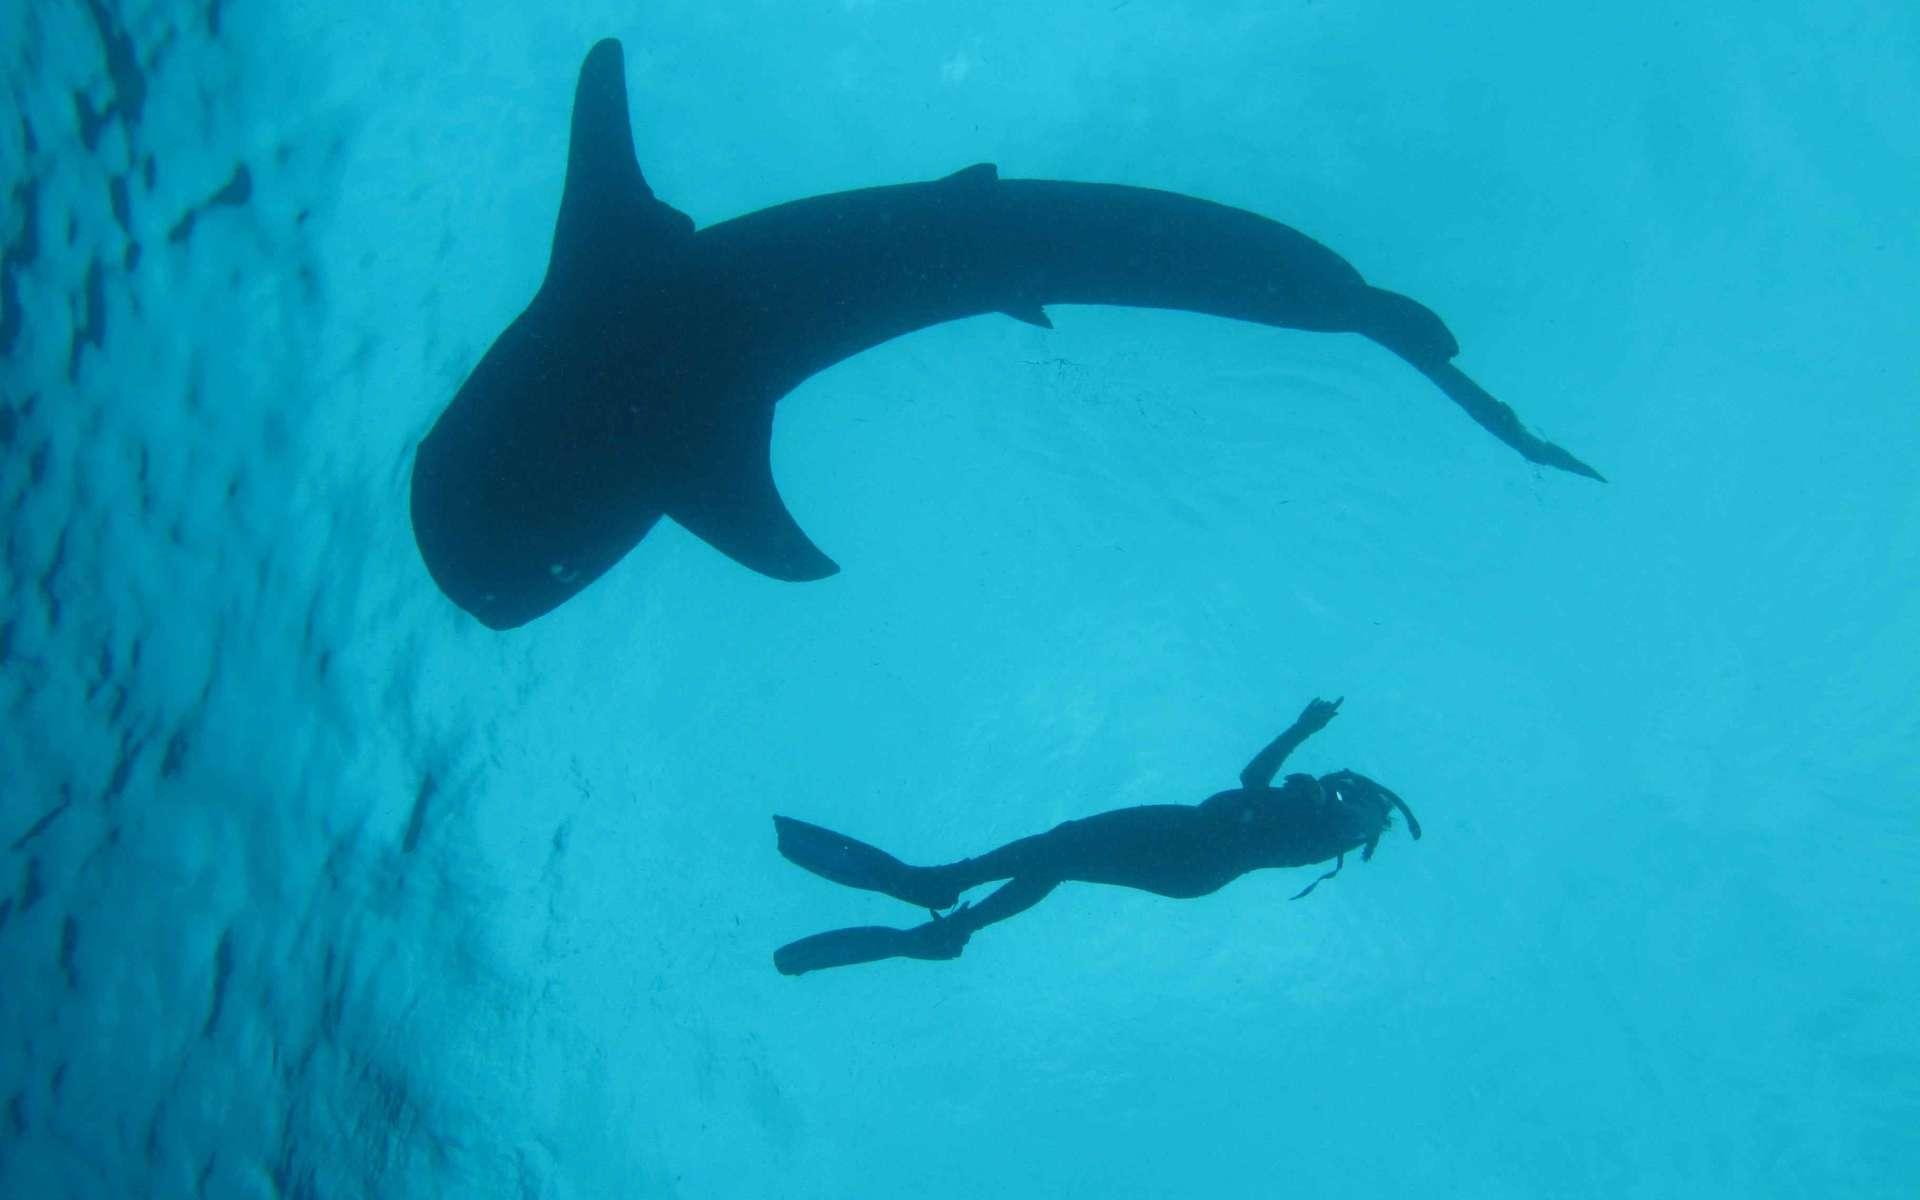 Certains pays émergents ont affiché des indices de santé des océans n'ayant rien à envier aux pays développés, à l'image du Suriname (69) ou des Seychelles (73). © Conservation International/Mark Erdmann